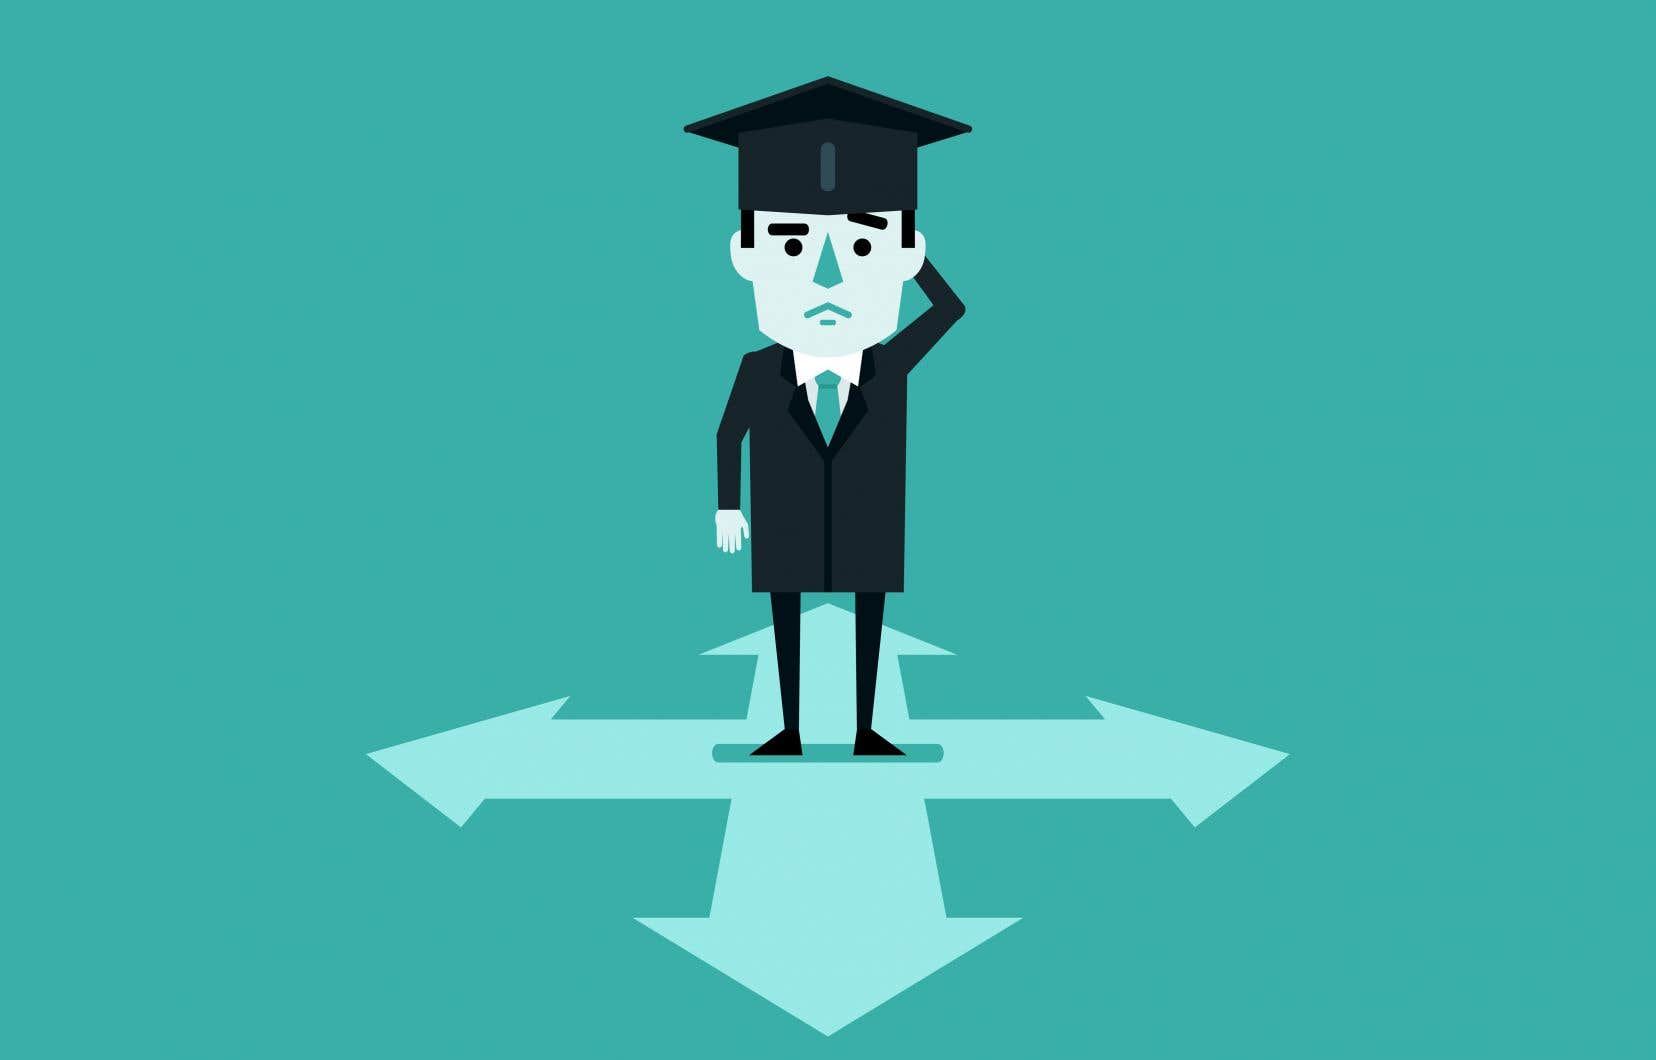 Une majorité des diplômés de maîtrise et de doctorat ne fera pas carrière à l'université.